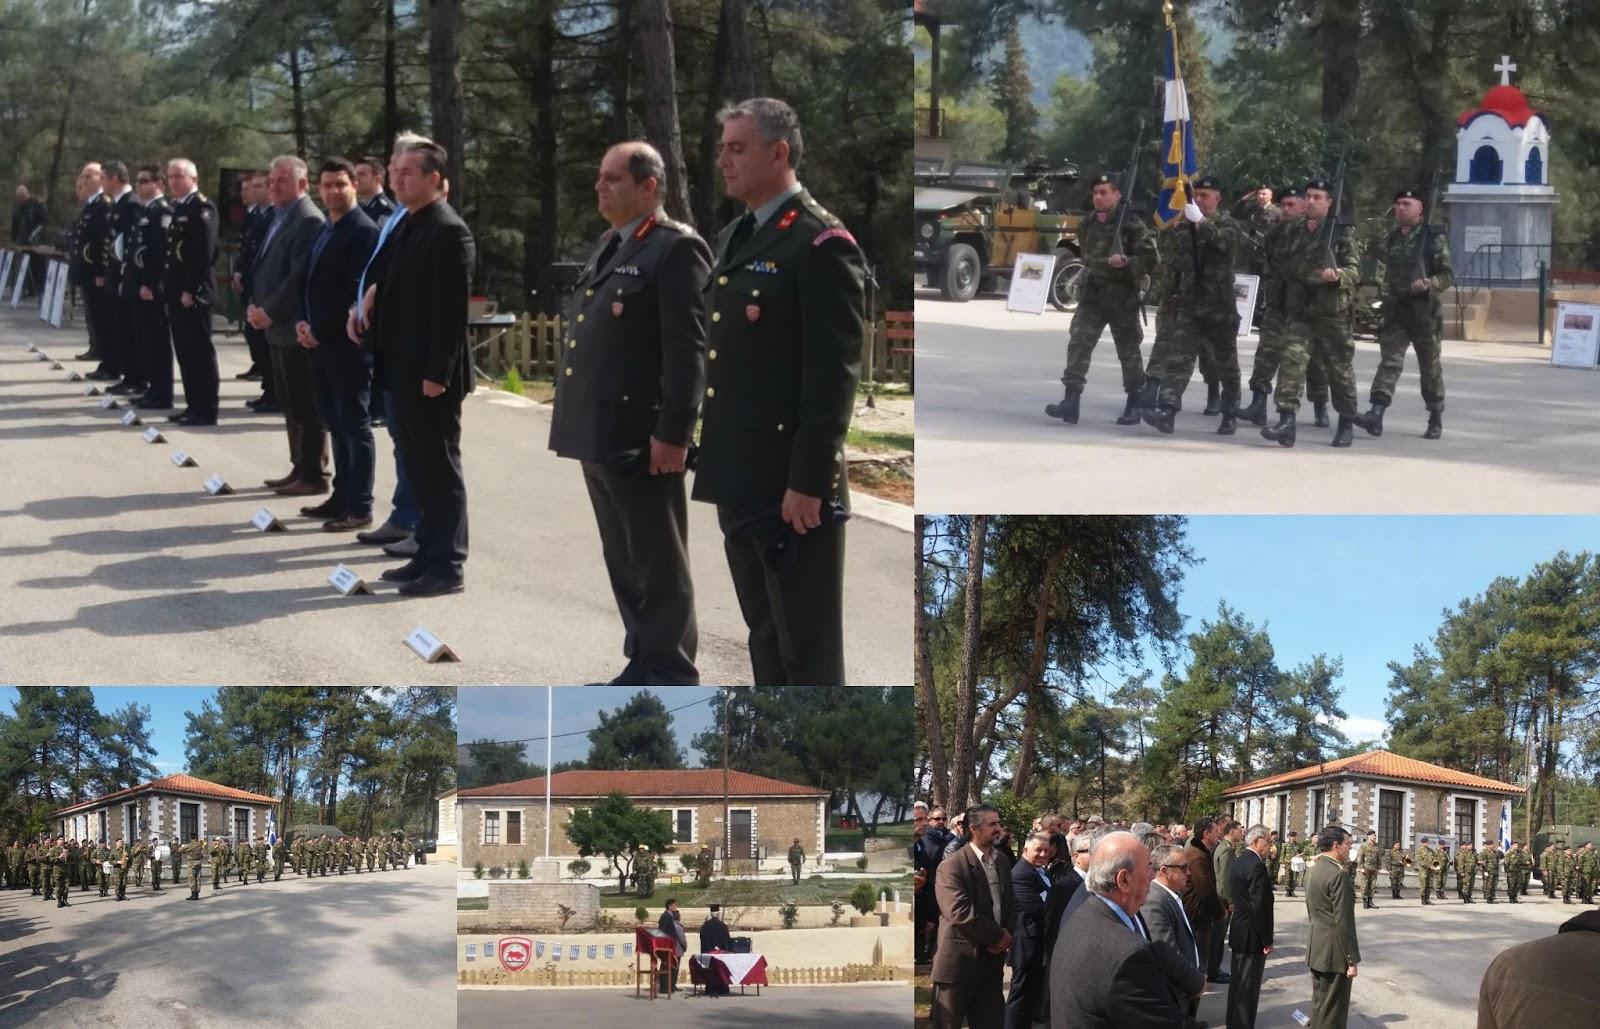 f5e833eca0 628 Μ.Τ. ΠΕΖΙΚΟΥ Φιλιατών  70 χρόνια παρουσίας στην Ελληνοαλβανική μεθόριο  (ΦΩΤΟΡΕΠΟΡΤΑΖ)